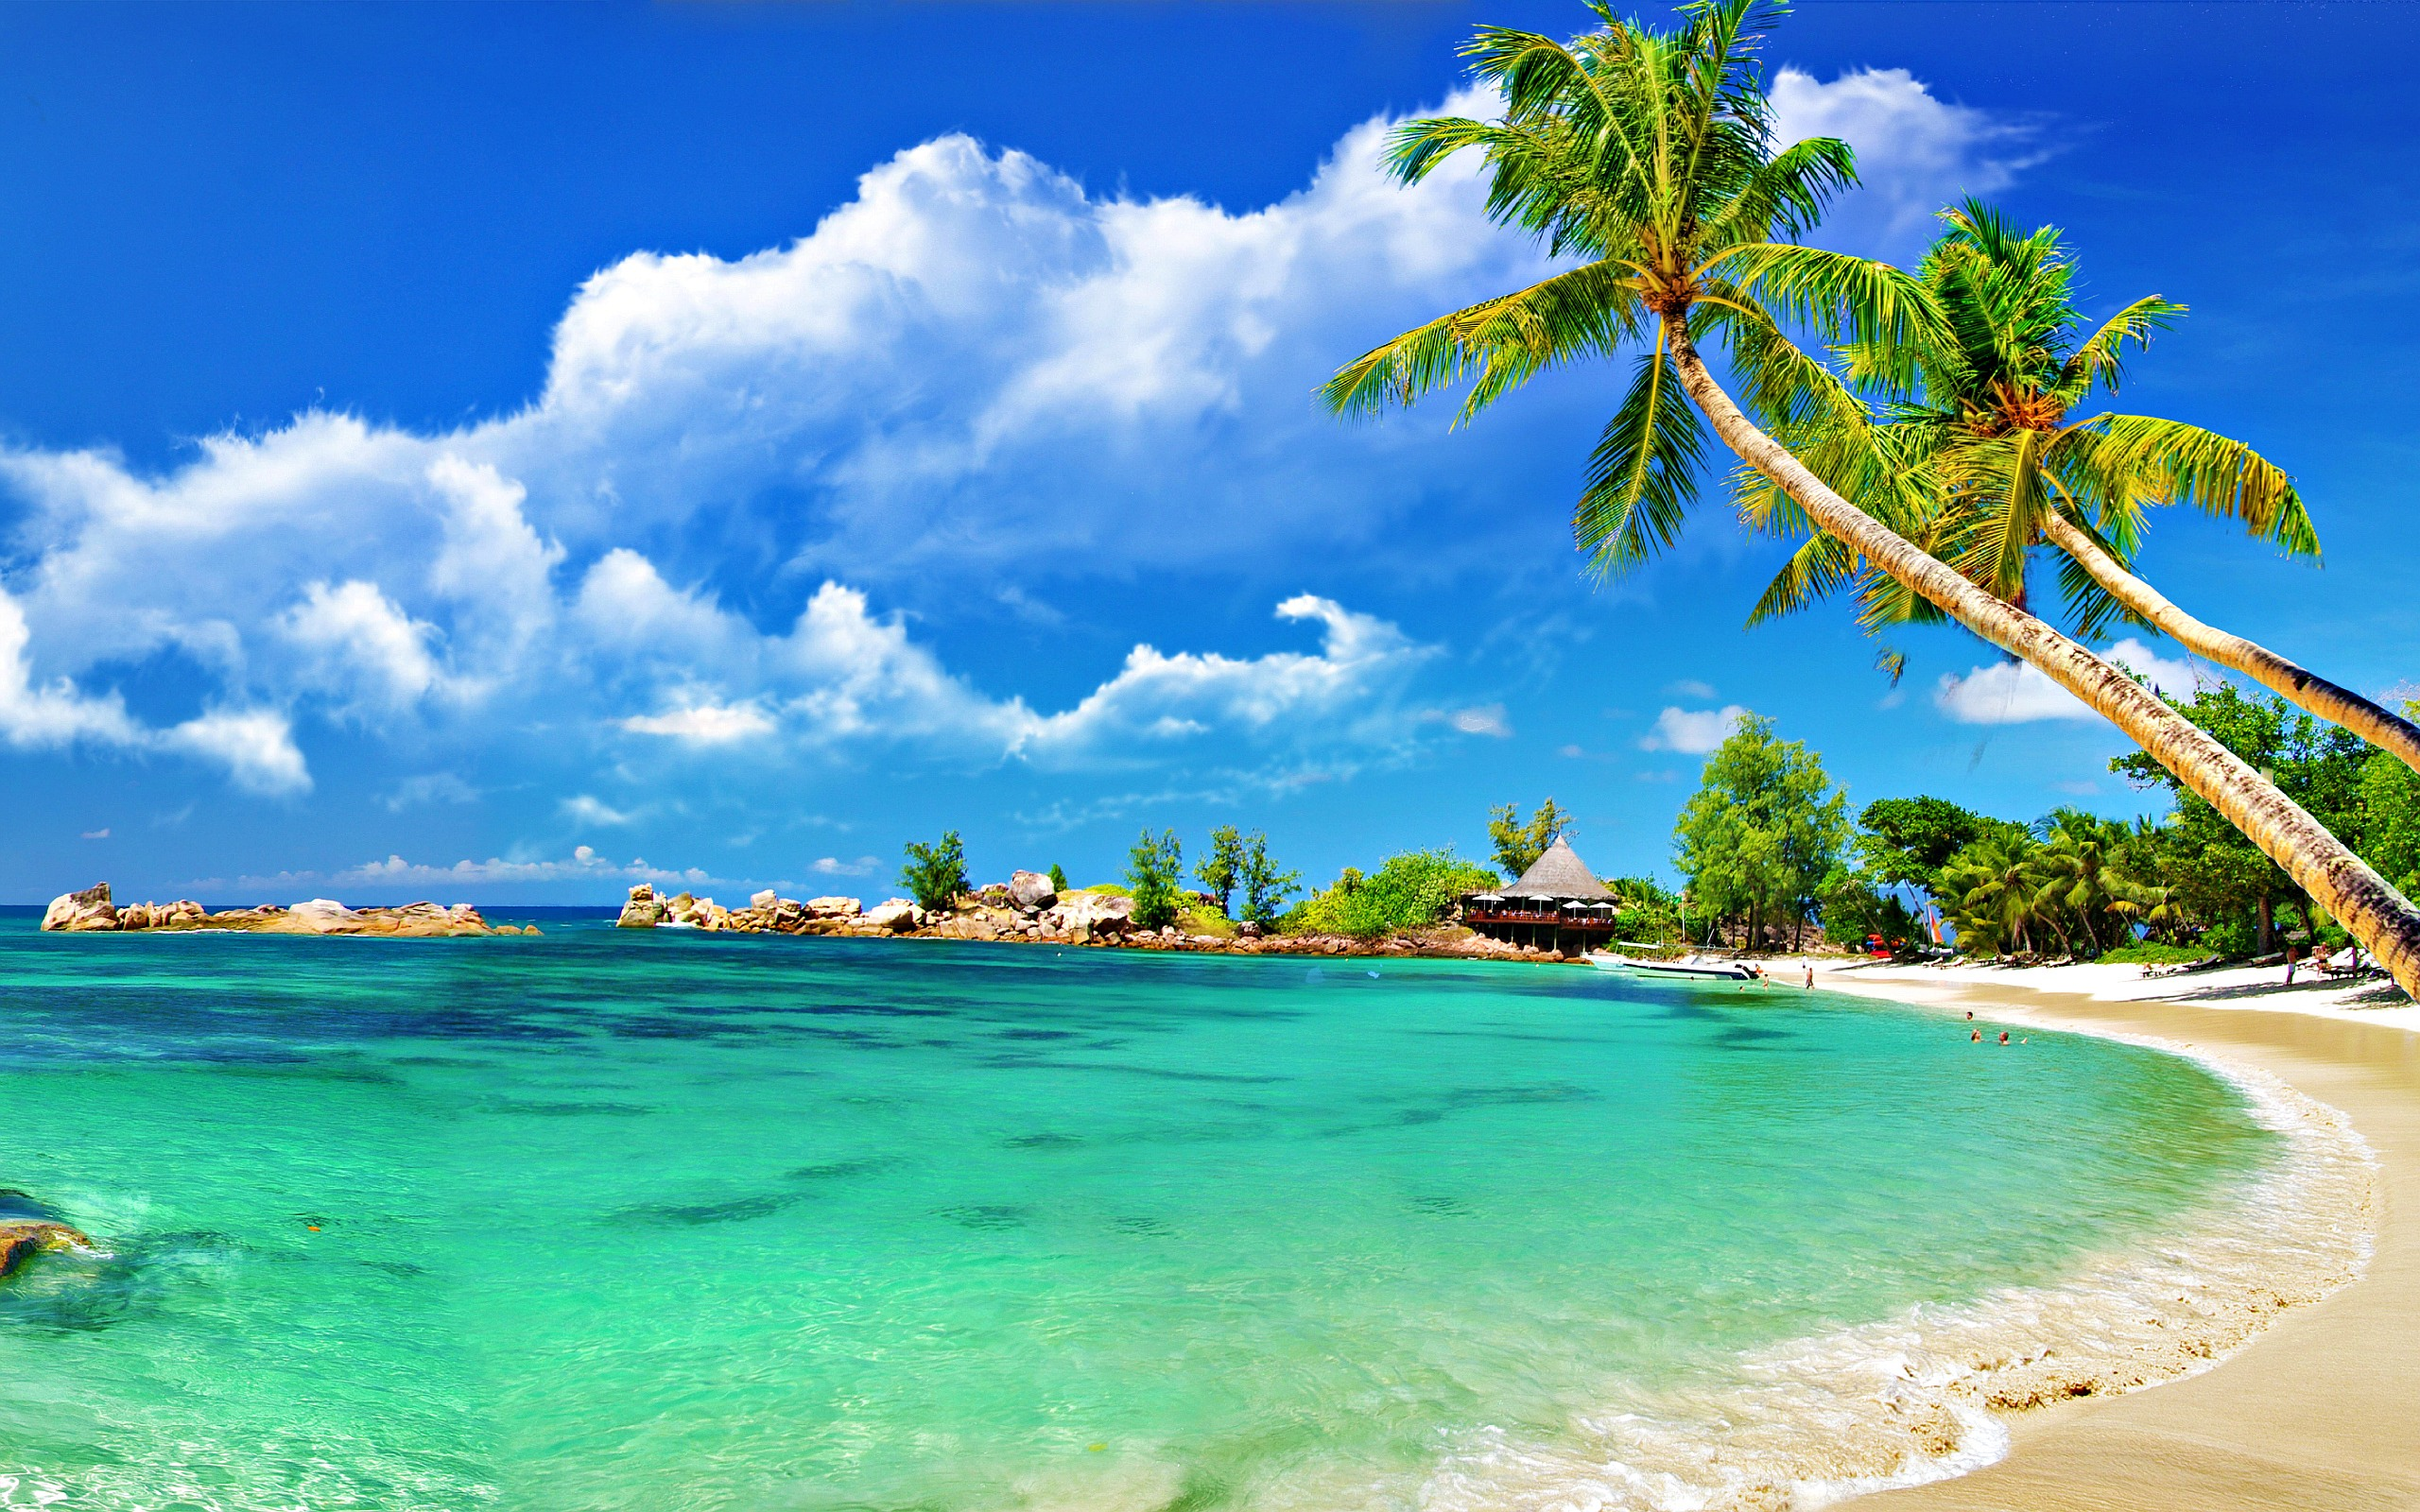 wallpaper Tropical Beach Wallpapers hd wallpaper background desktop 2560x1600